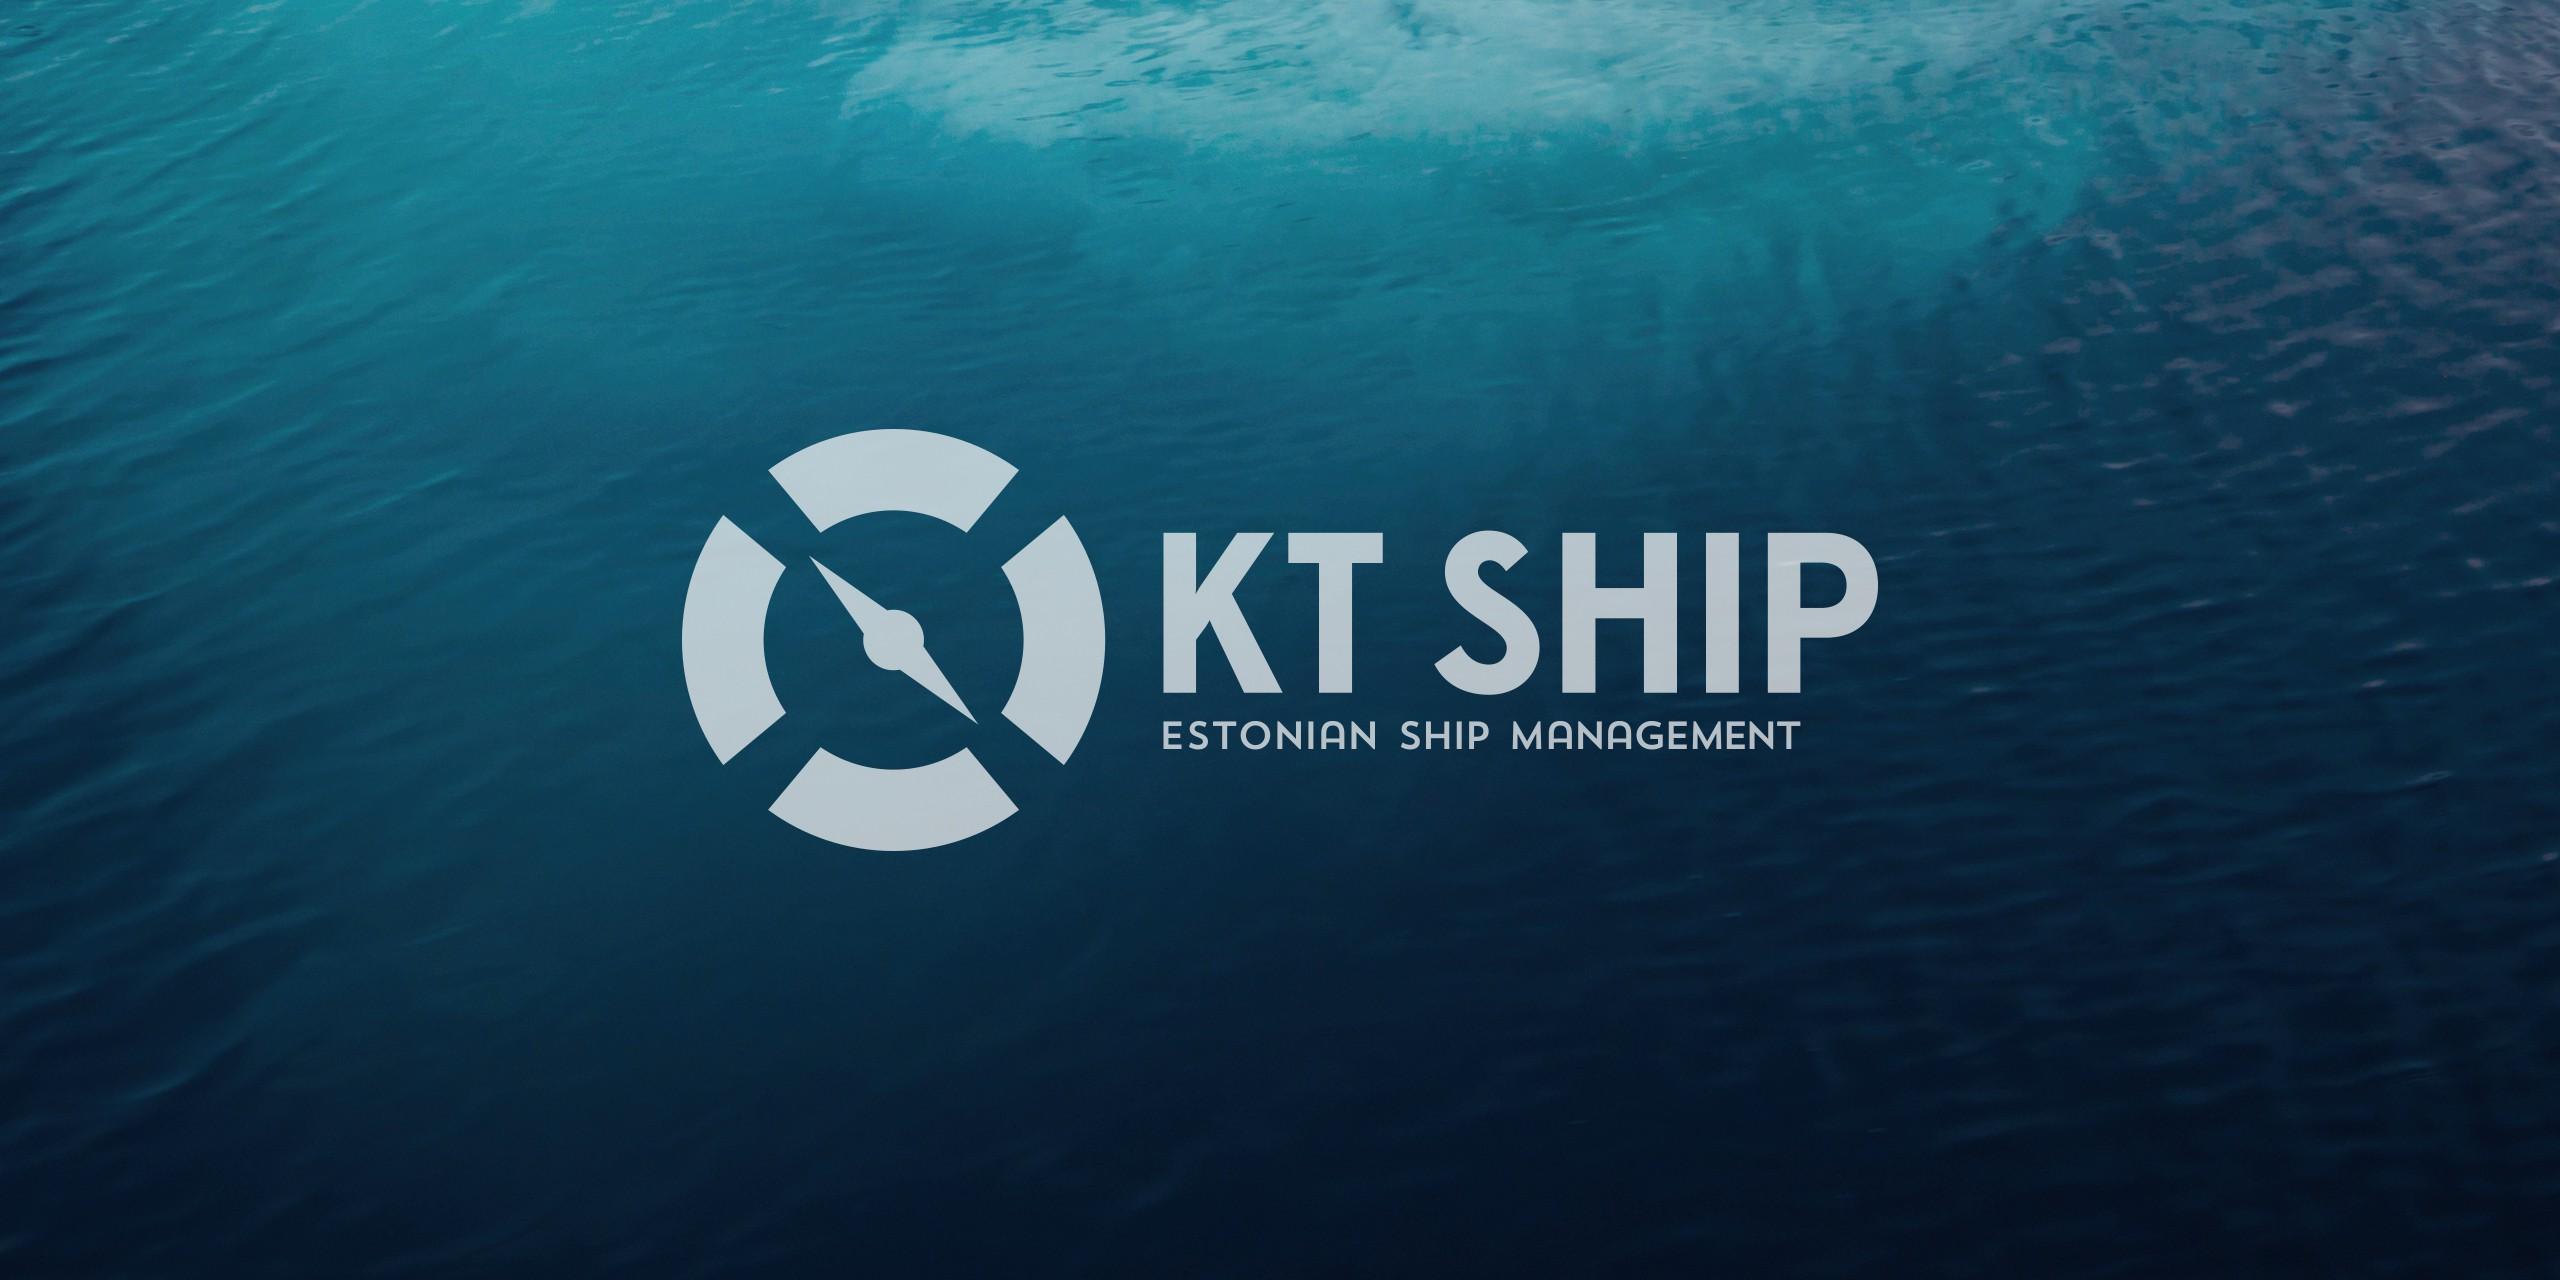 KTSHIP logotype